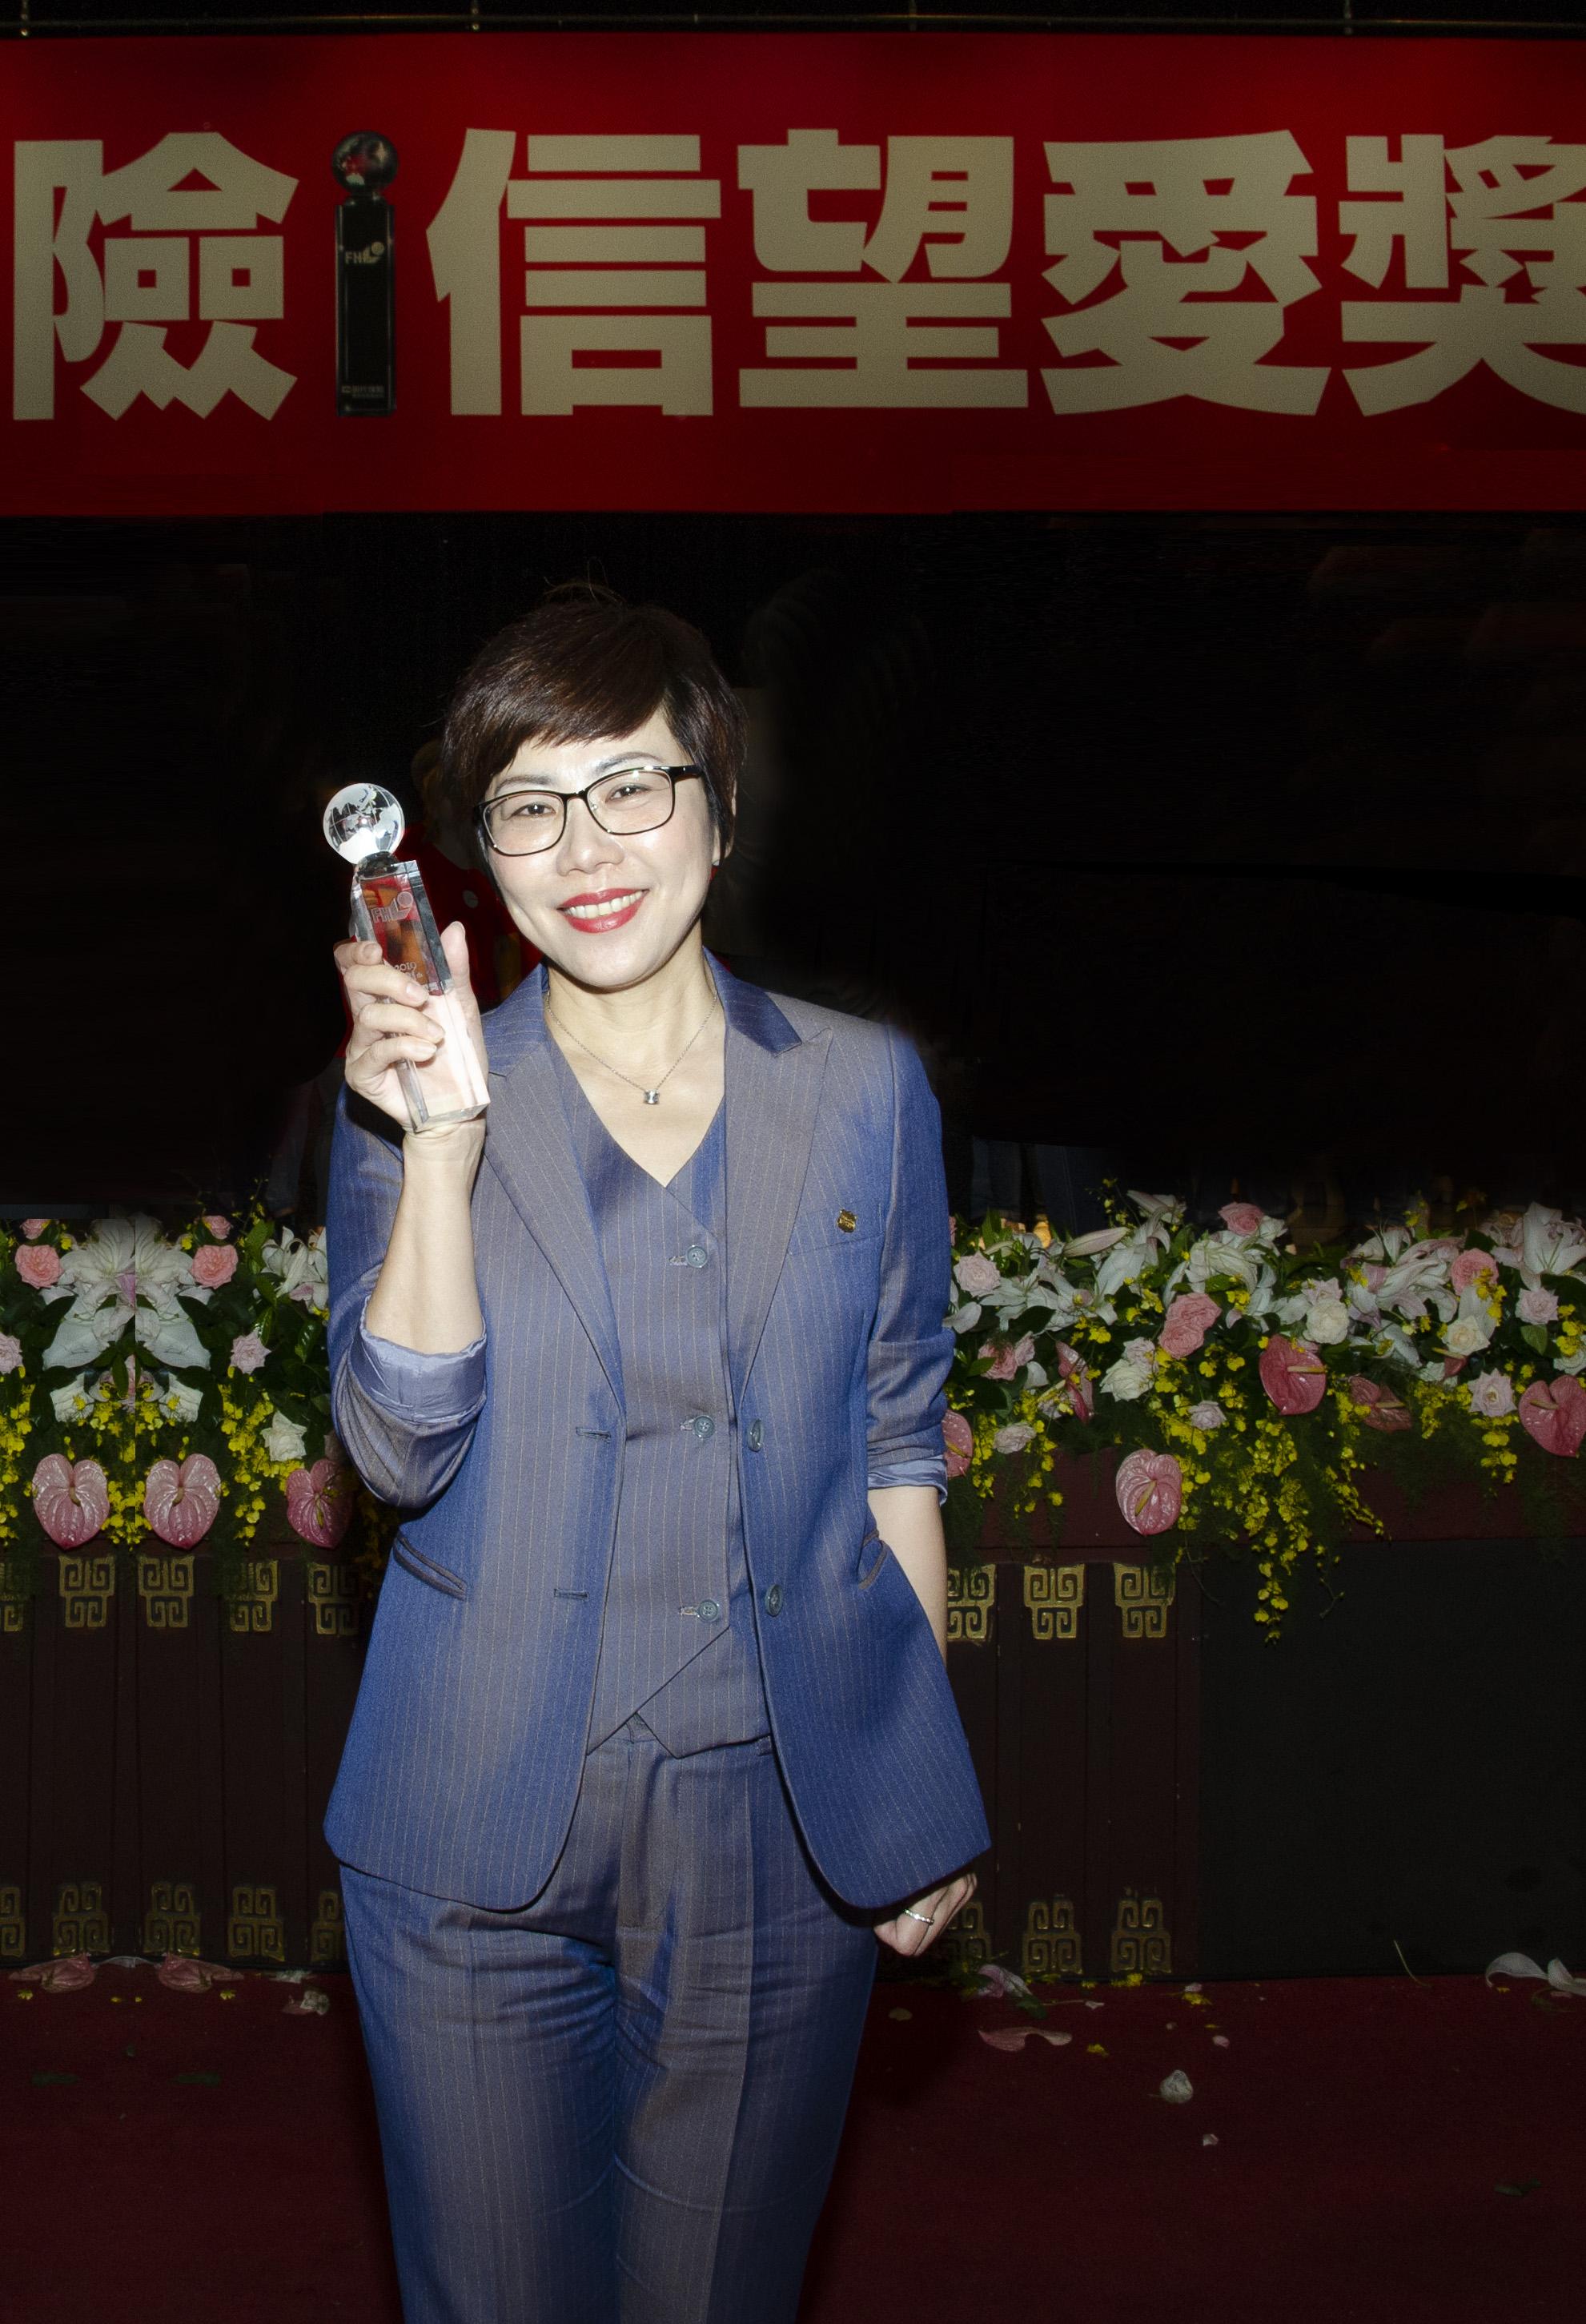 蔡名蔚業務協理率領的中五通訊處獲得「最佳通訊處獎」優選。